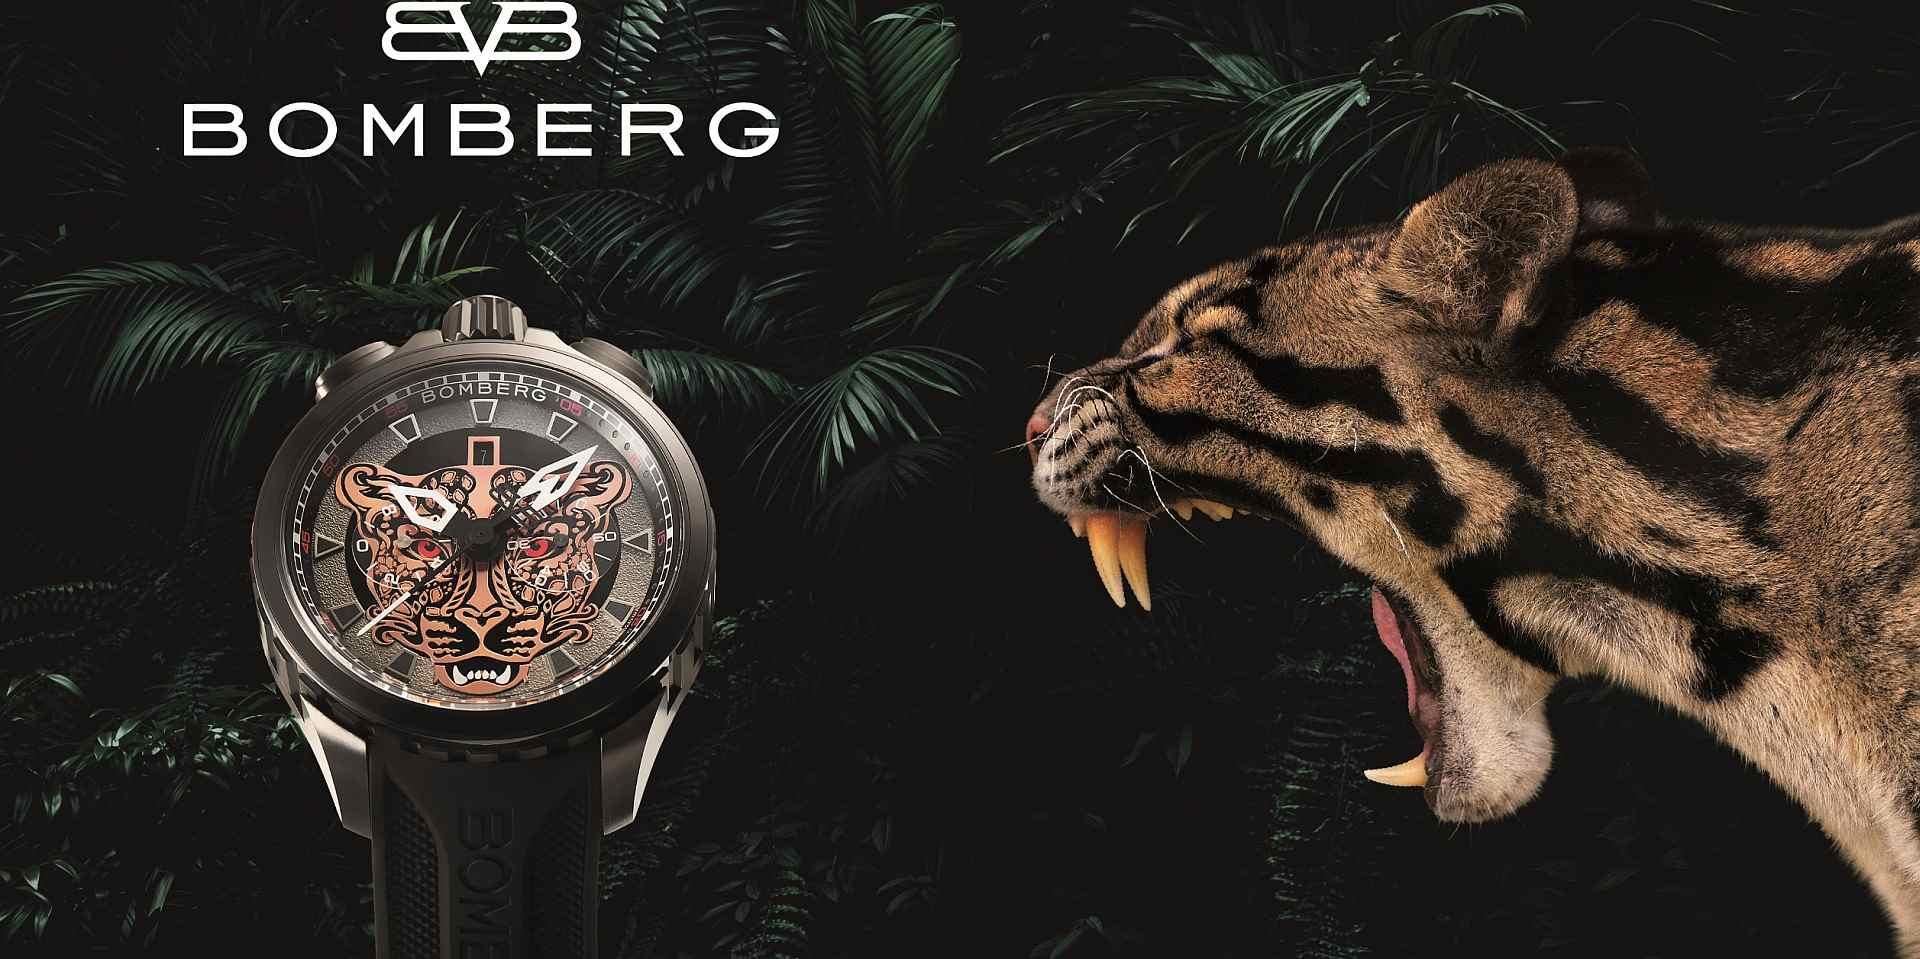 稀罕、美麗、個性:BOMBERG Bolt-68 山林魅影台灣雲豹限量腕錶